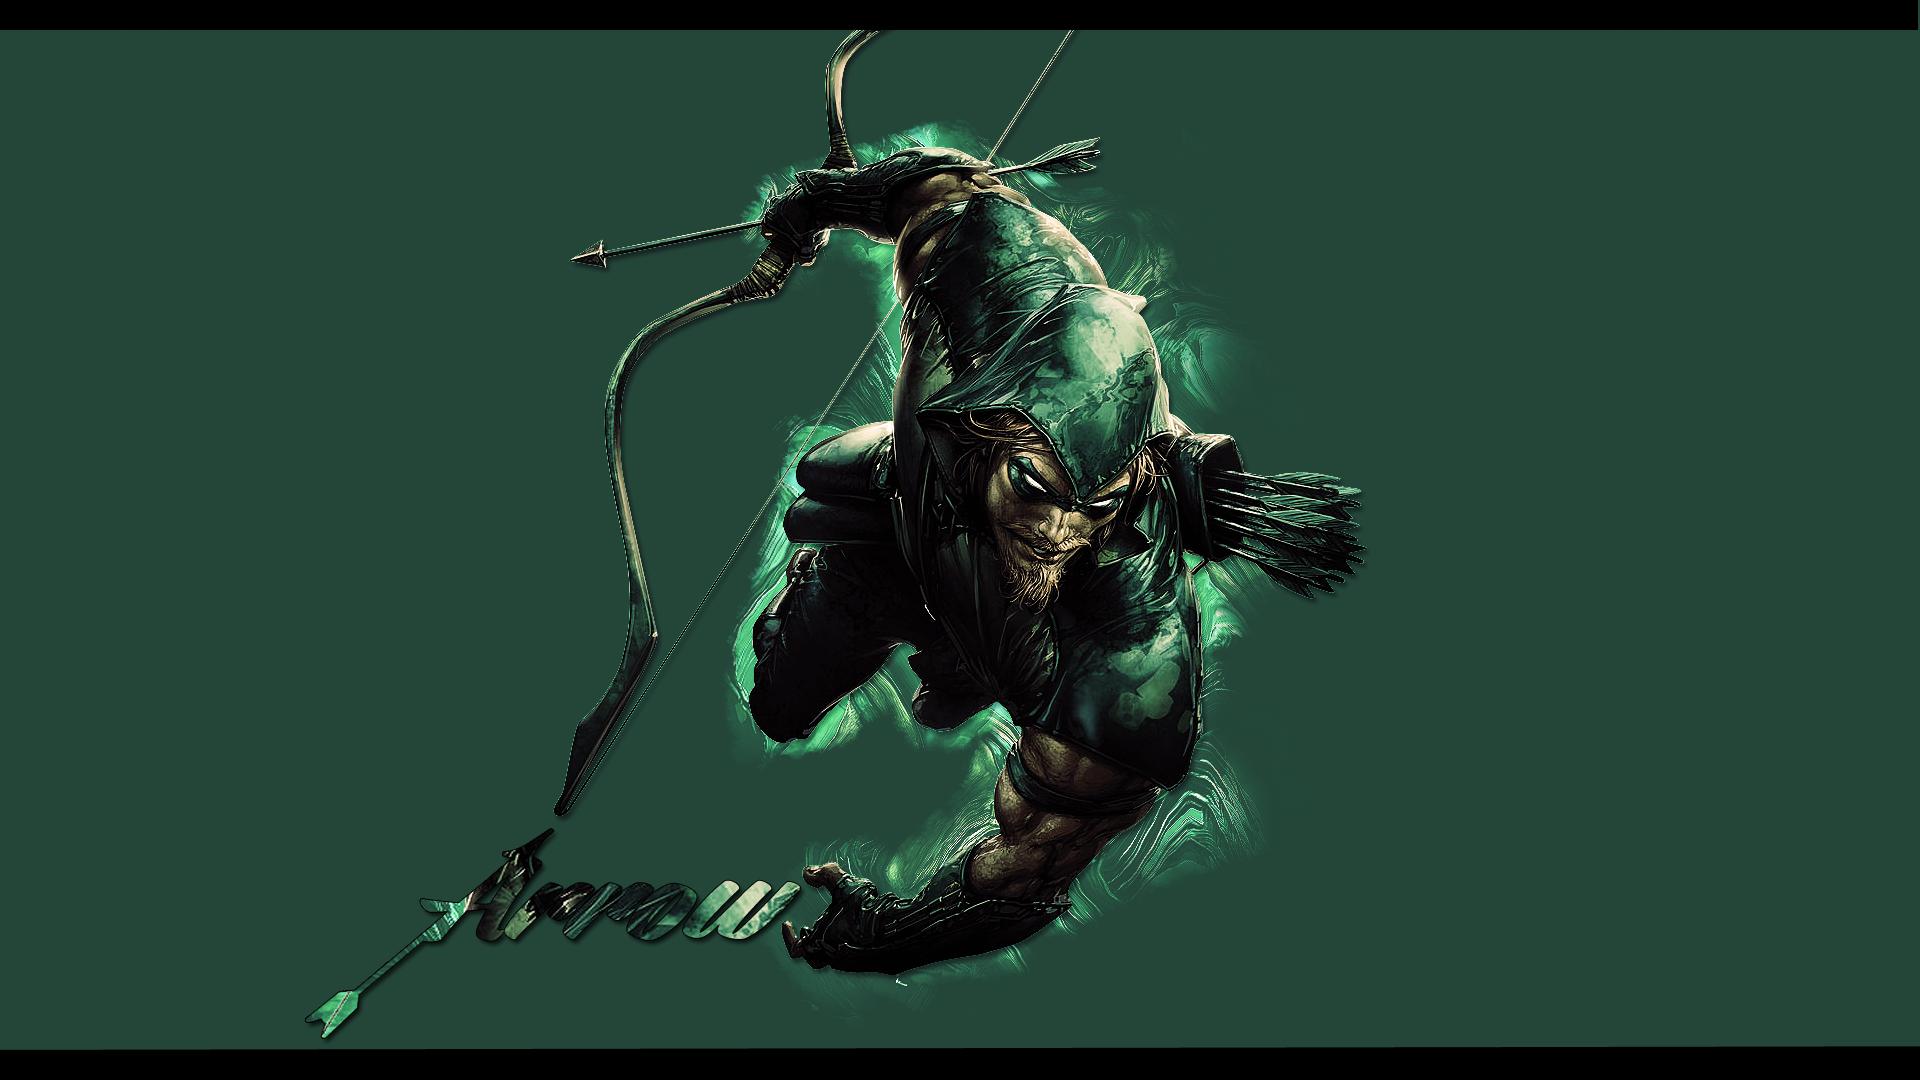 Green Arrow HD Wallpapers for desktop download 1920x1080